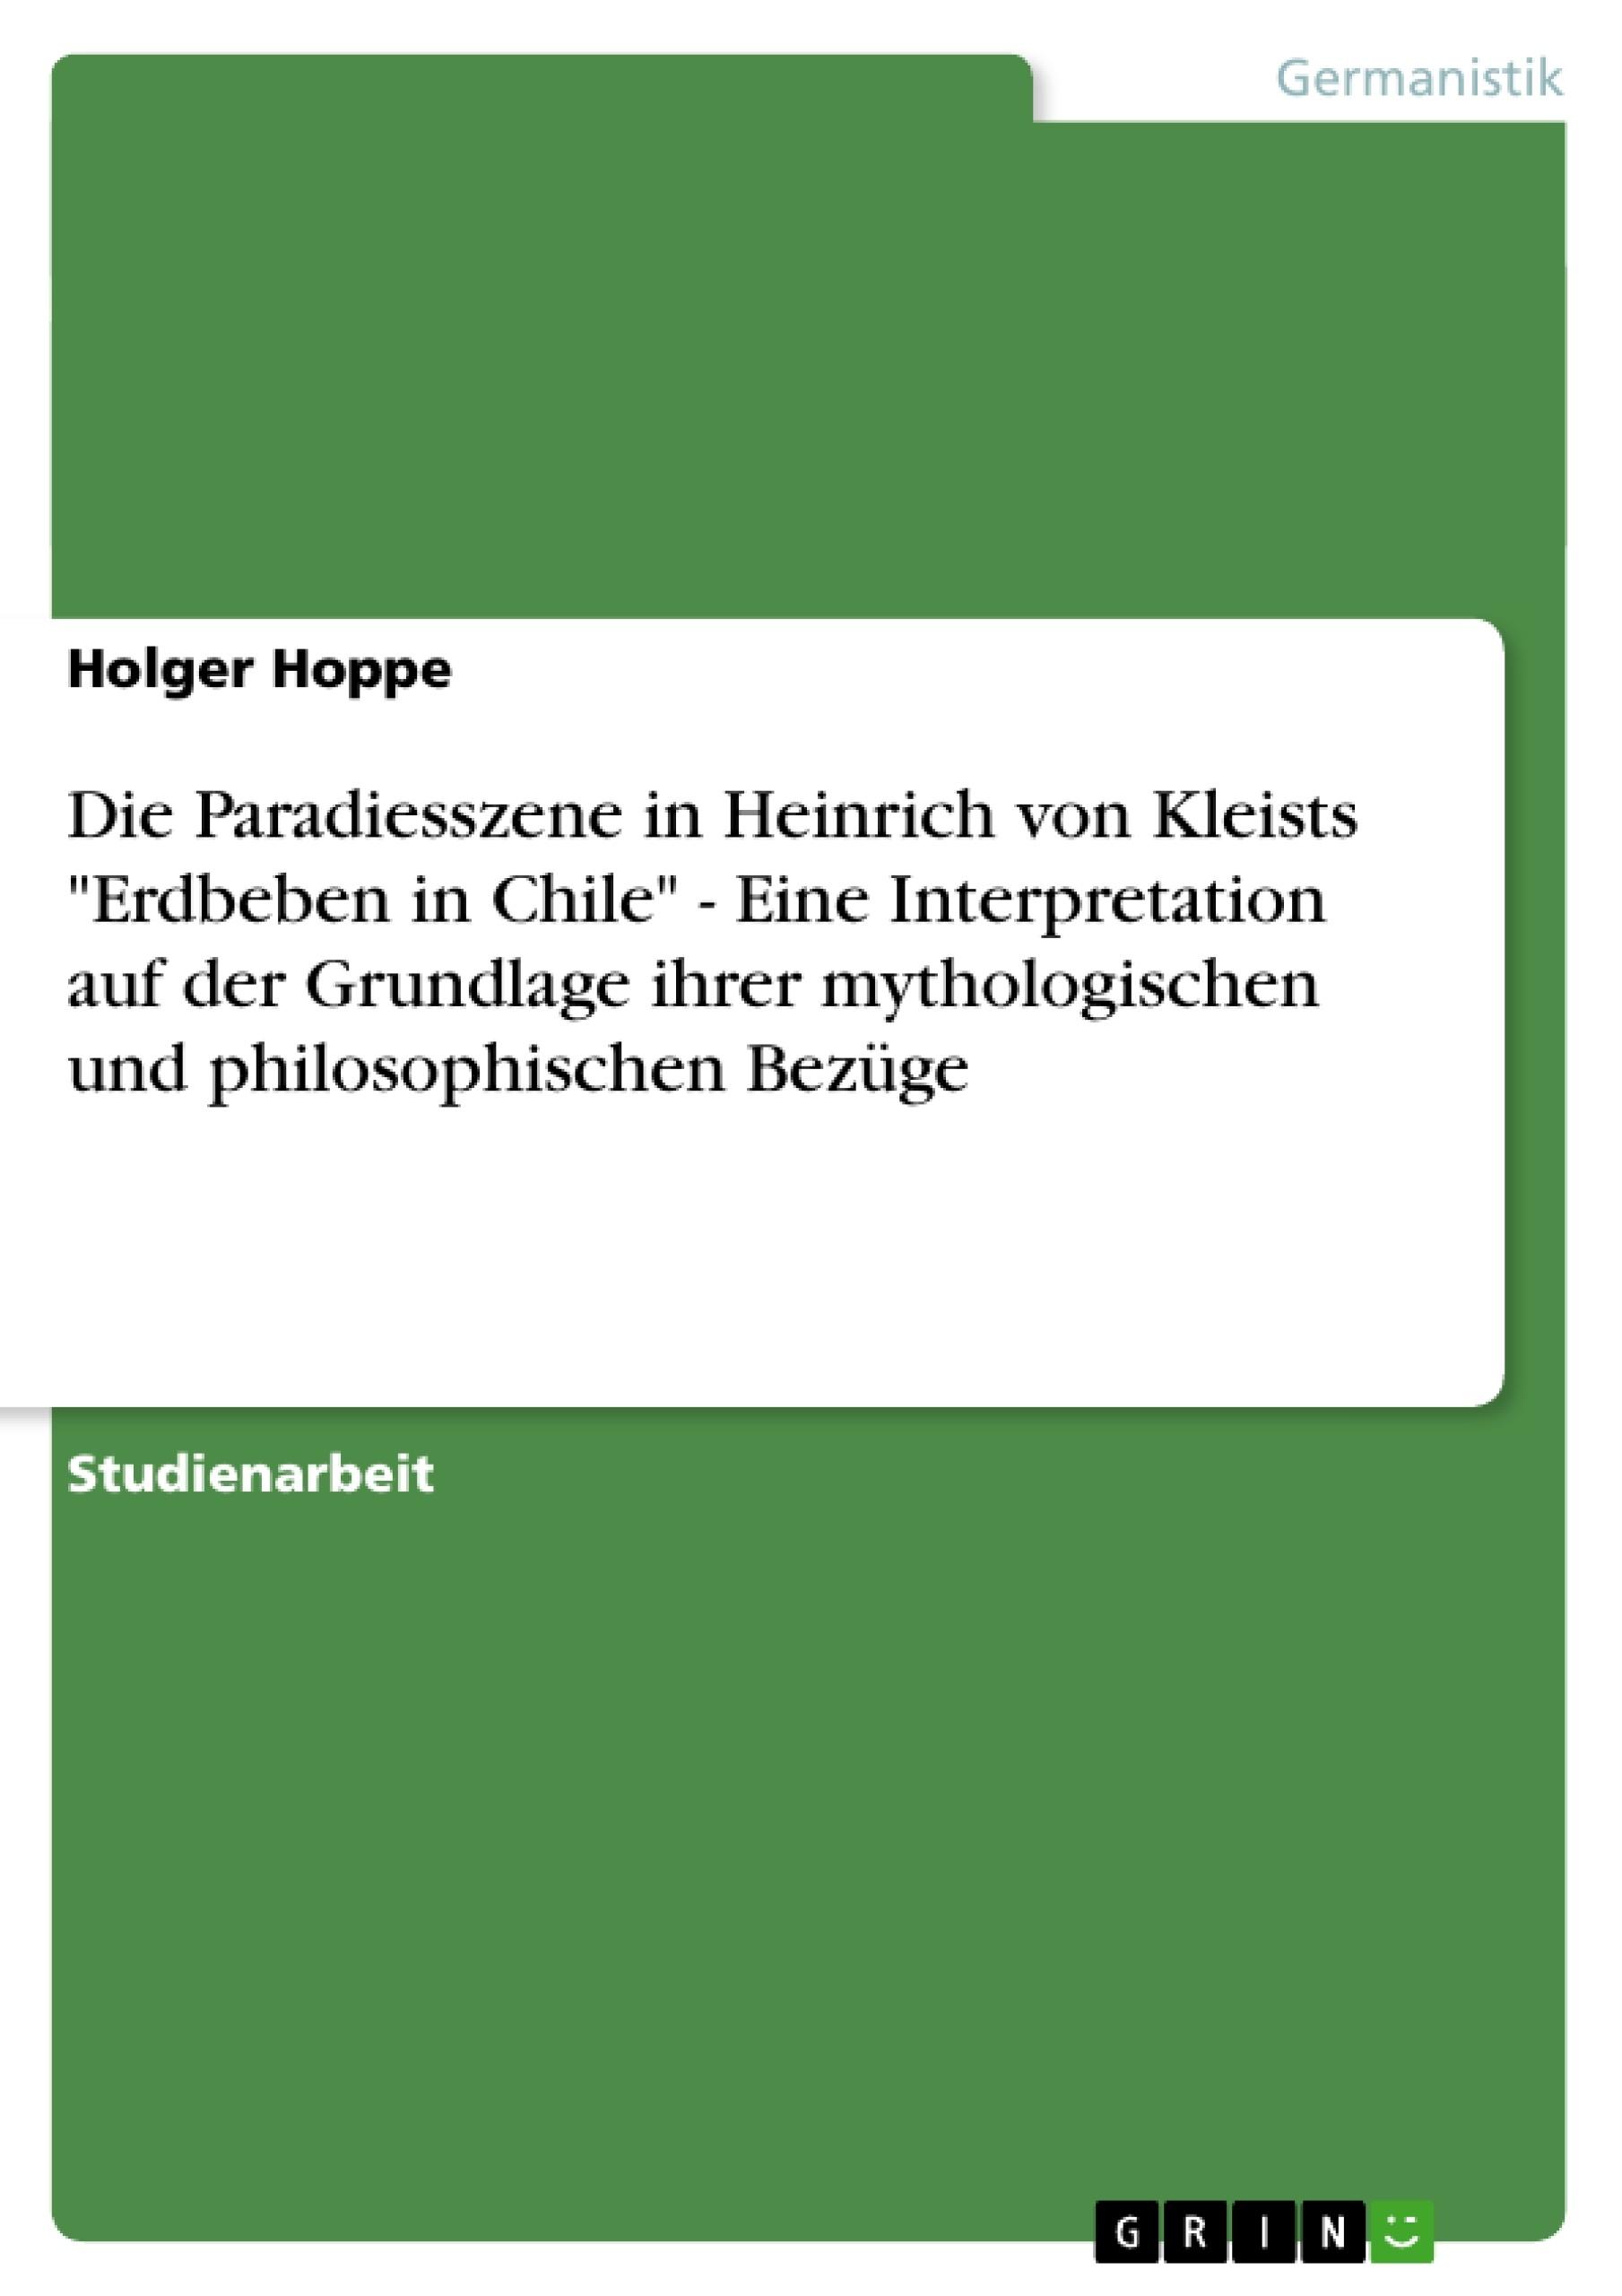 """Titel: Die Paradiesszene in Heinrich von Kleists """"Erdbeben in Chile"""" - Eine Interpretation auf der Grundlage ihrer mythologischen und philosophischen Bezüge"""